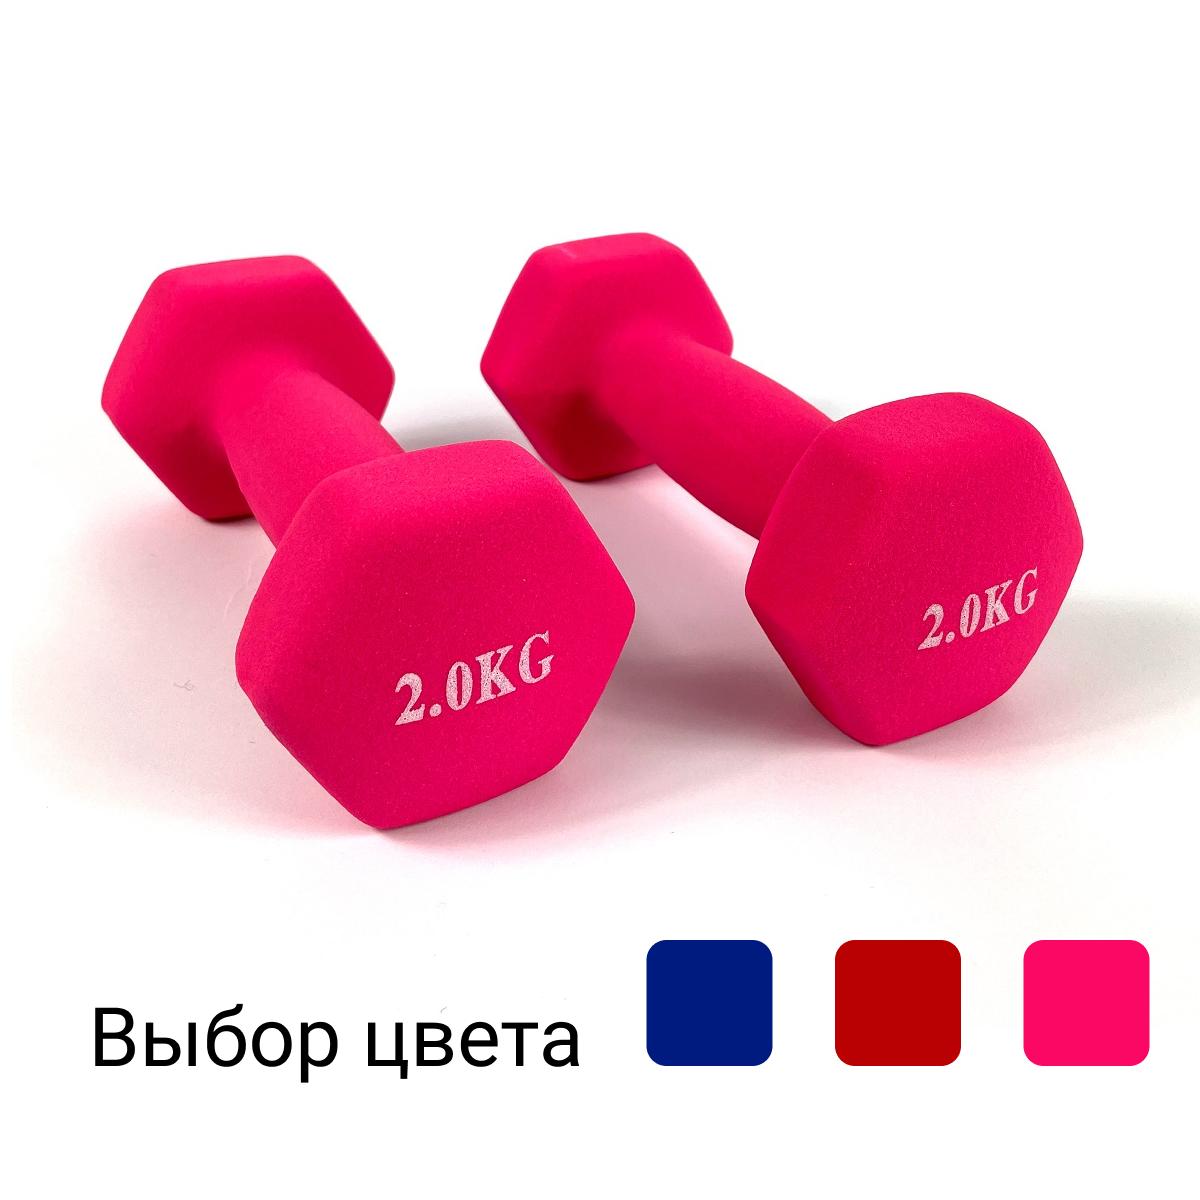 Гантелі металеві з вініловим покриттям 2 шт по 2 кг для фітнесу (Комплект набір гантелей 4 кг) Рожевий